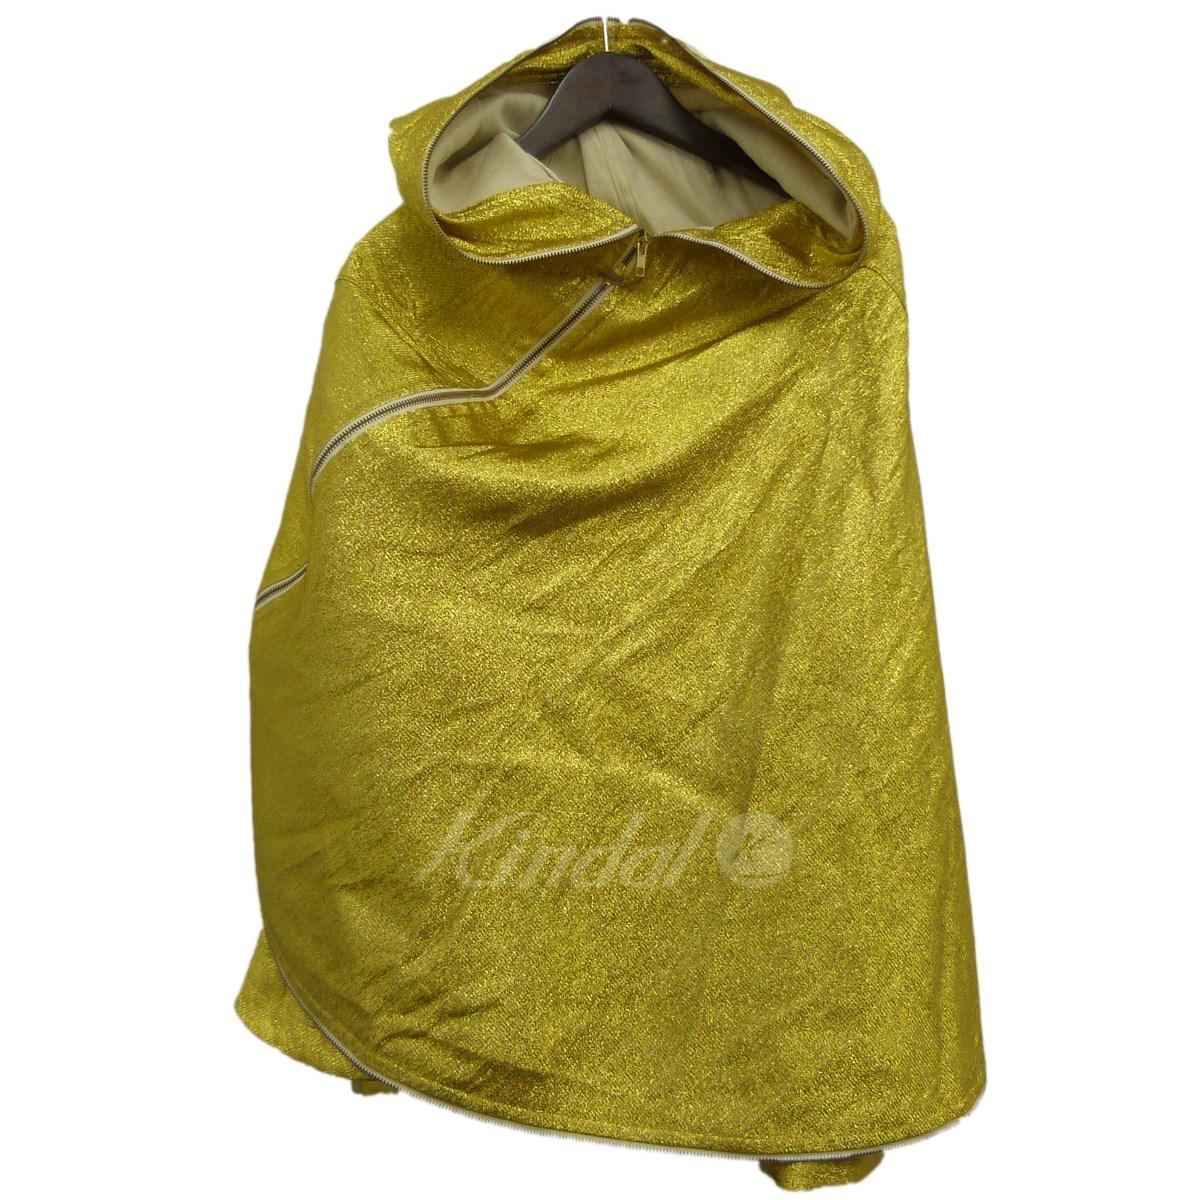 【中古】COMME des GARCONS11AWラメジップポンチョ ゴールド サイズ:S